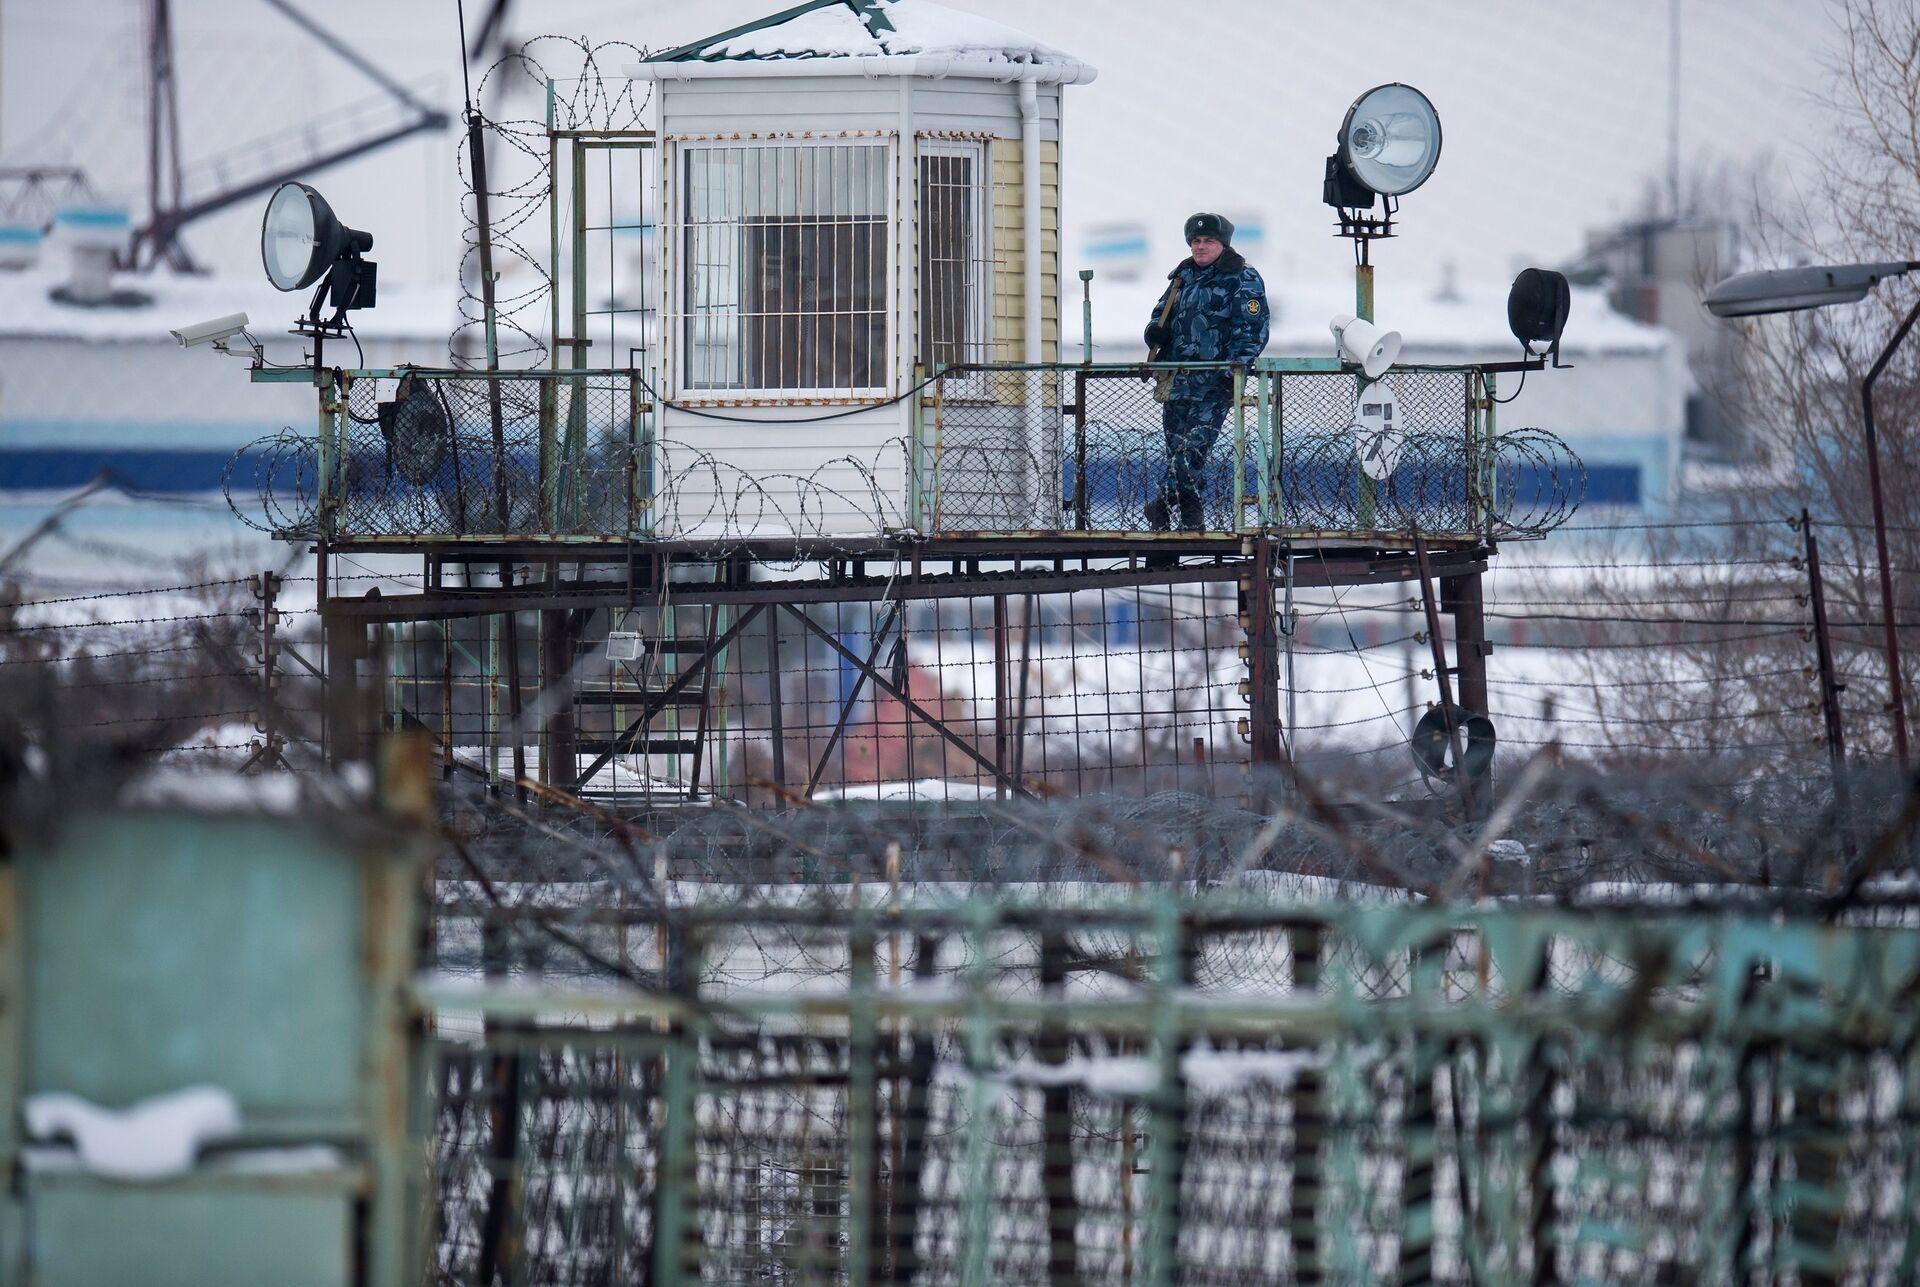 Случаи издевательств над заключенными в исправительных учреждениях России